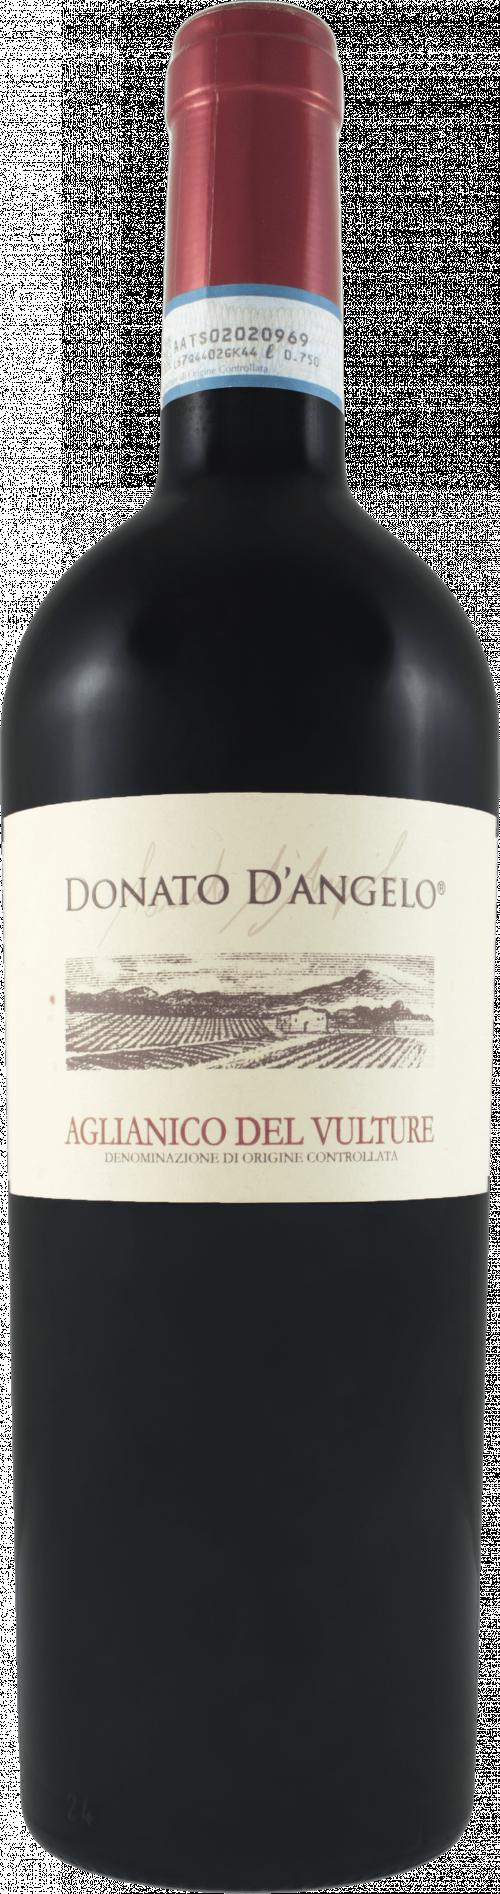 2013 Donato D'angelo Aglianico 750ml